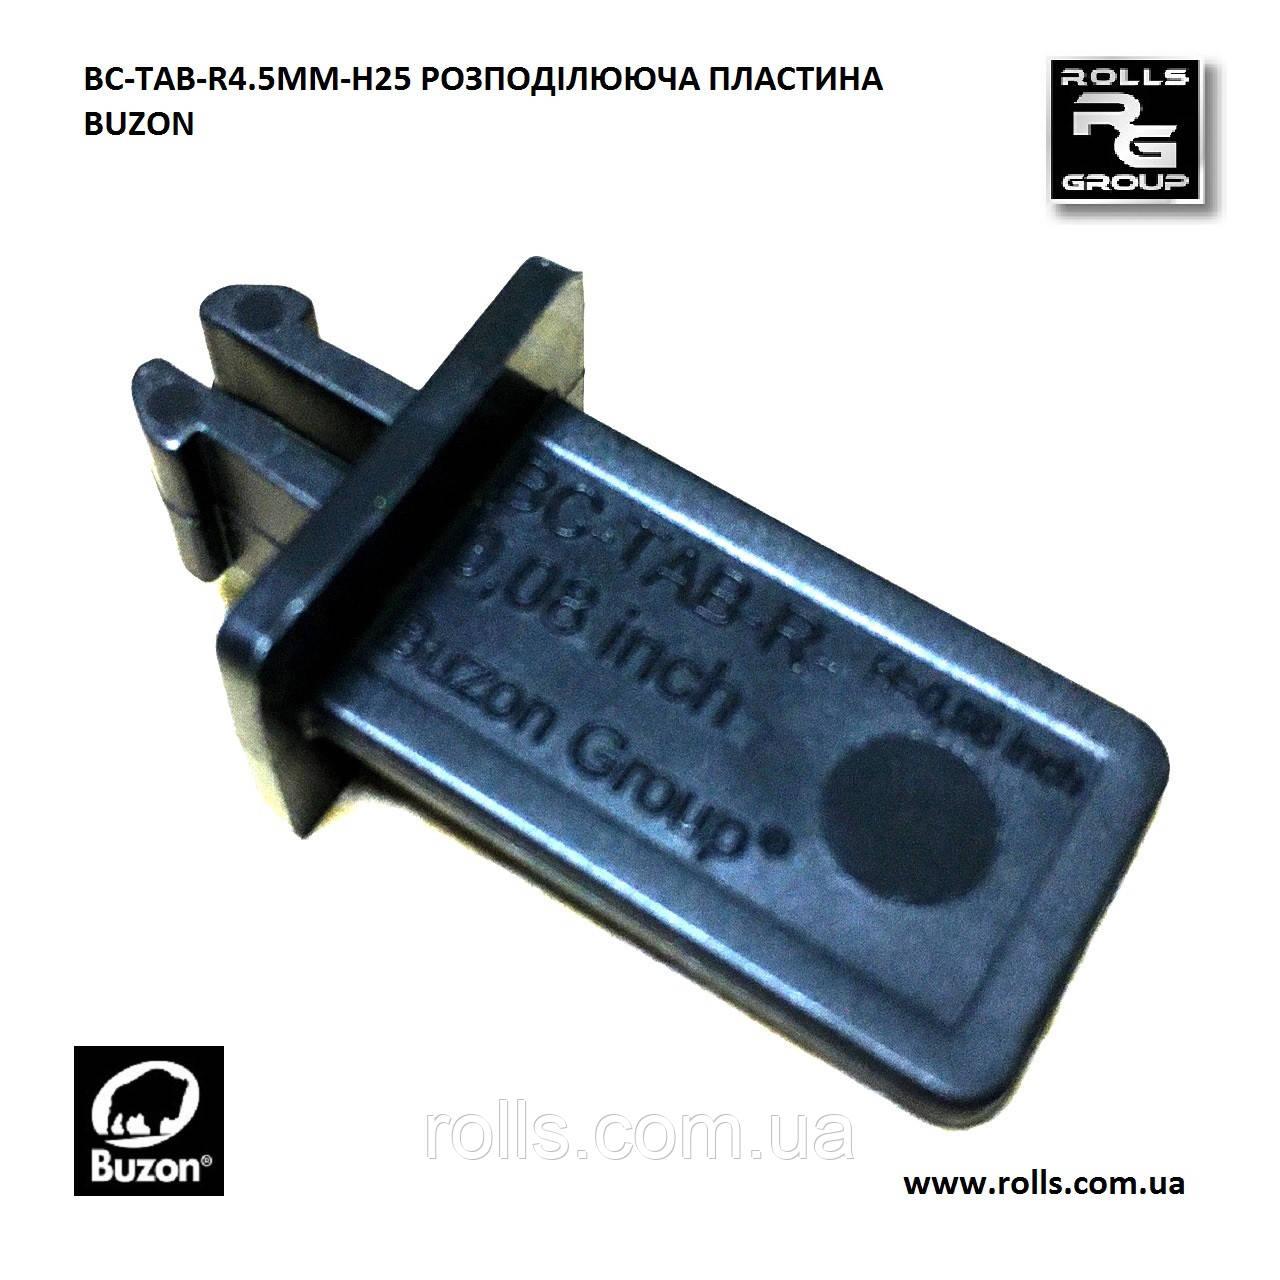 BC-TAB-R4.5MM-H24 Разделительная пластина на регулируемые опоры Buzon серия BC